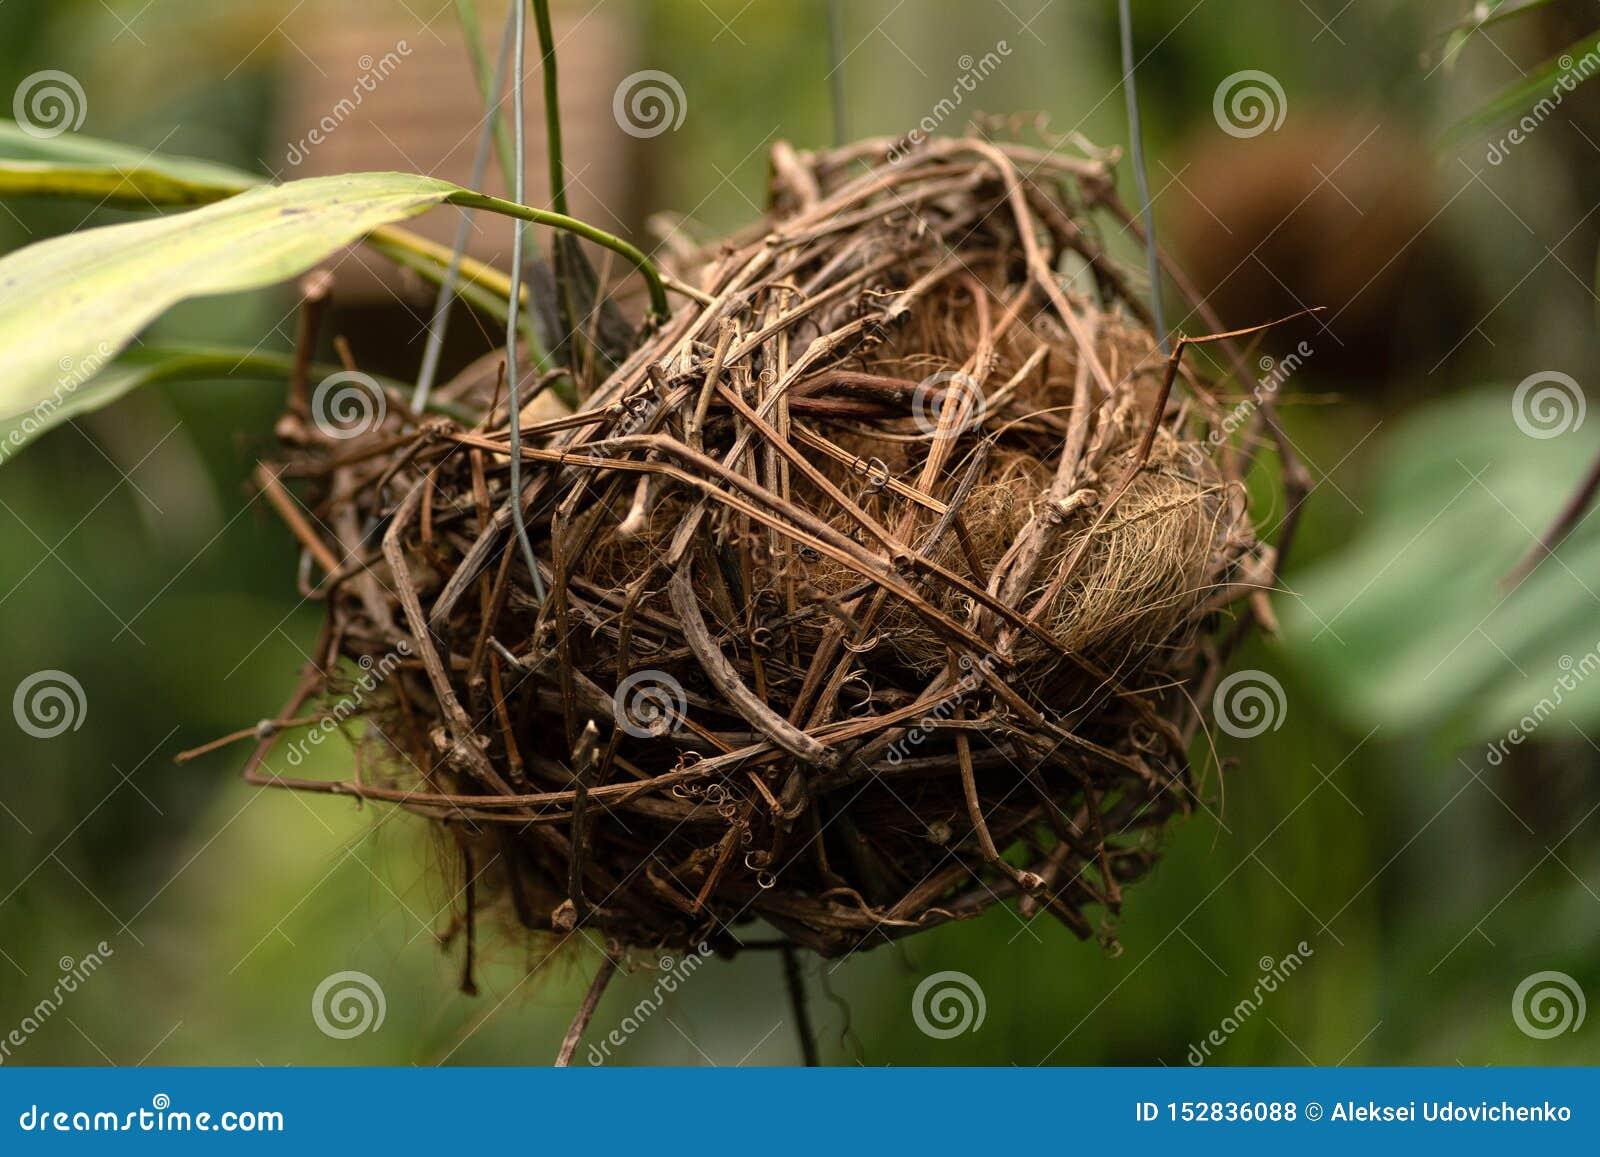 鸟巢构成在植物背景中